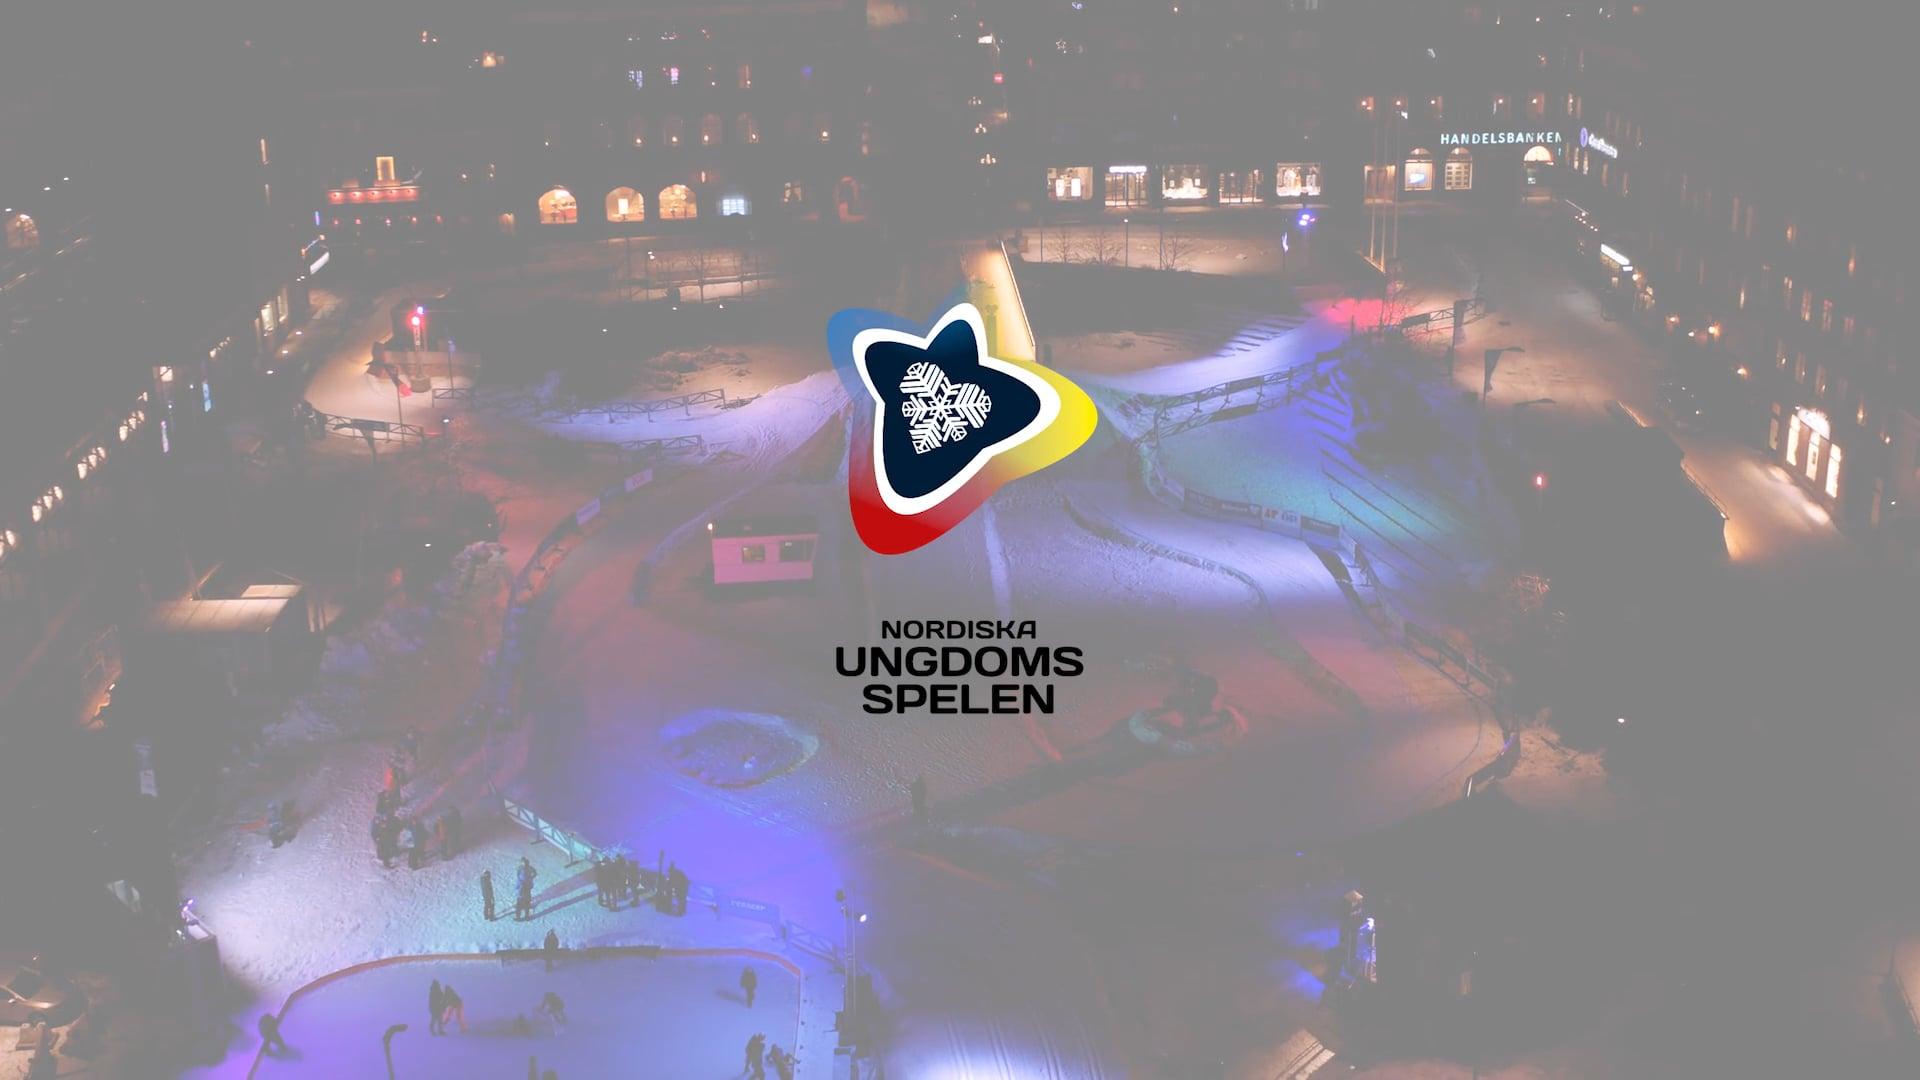 Nordiska Ungdomsspelen 2020 - Rörelseglädje!